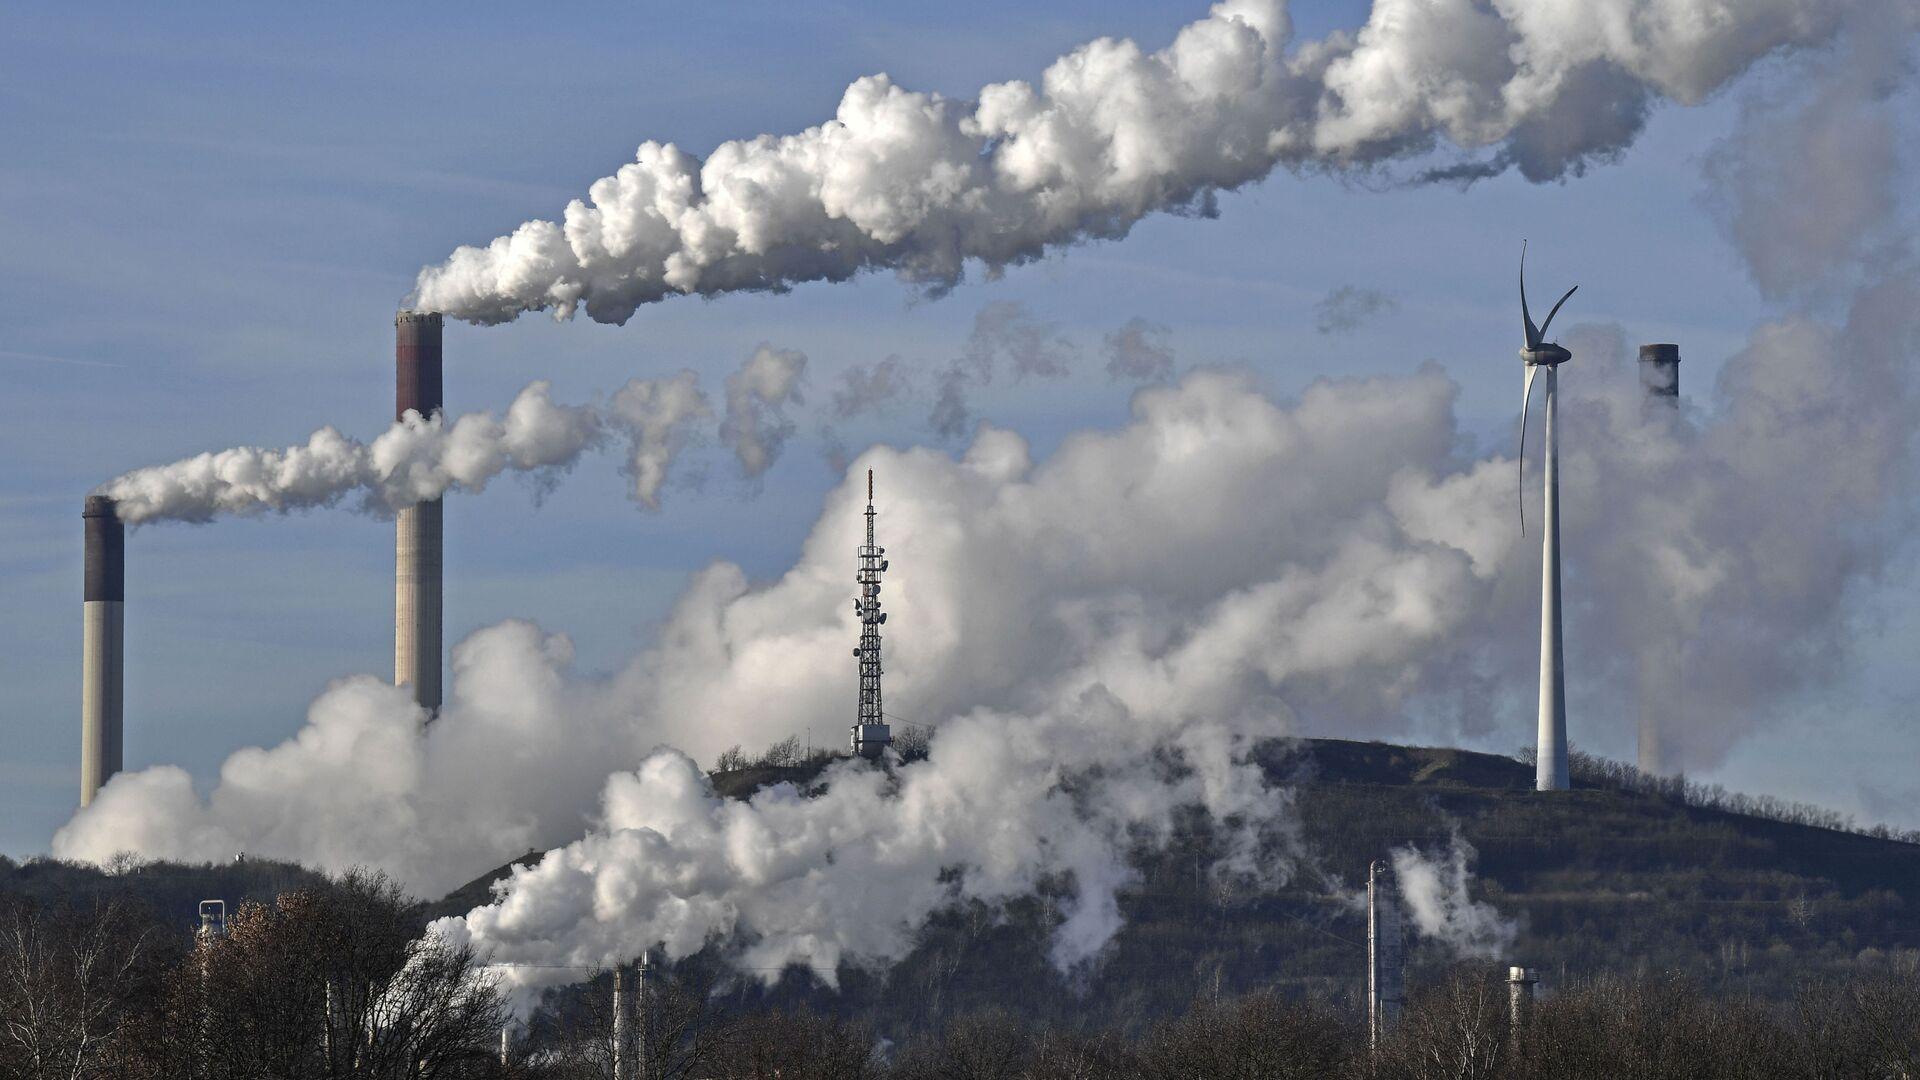 Угольная электростанция энергетической компании Uniper и нефтеперерабатывающий завод BP в Германии - Sputnik Таджикистан, 1920, 21.09.2021